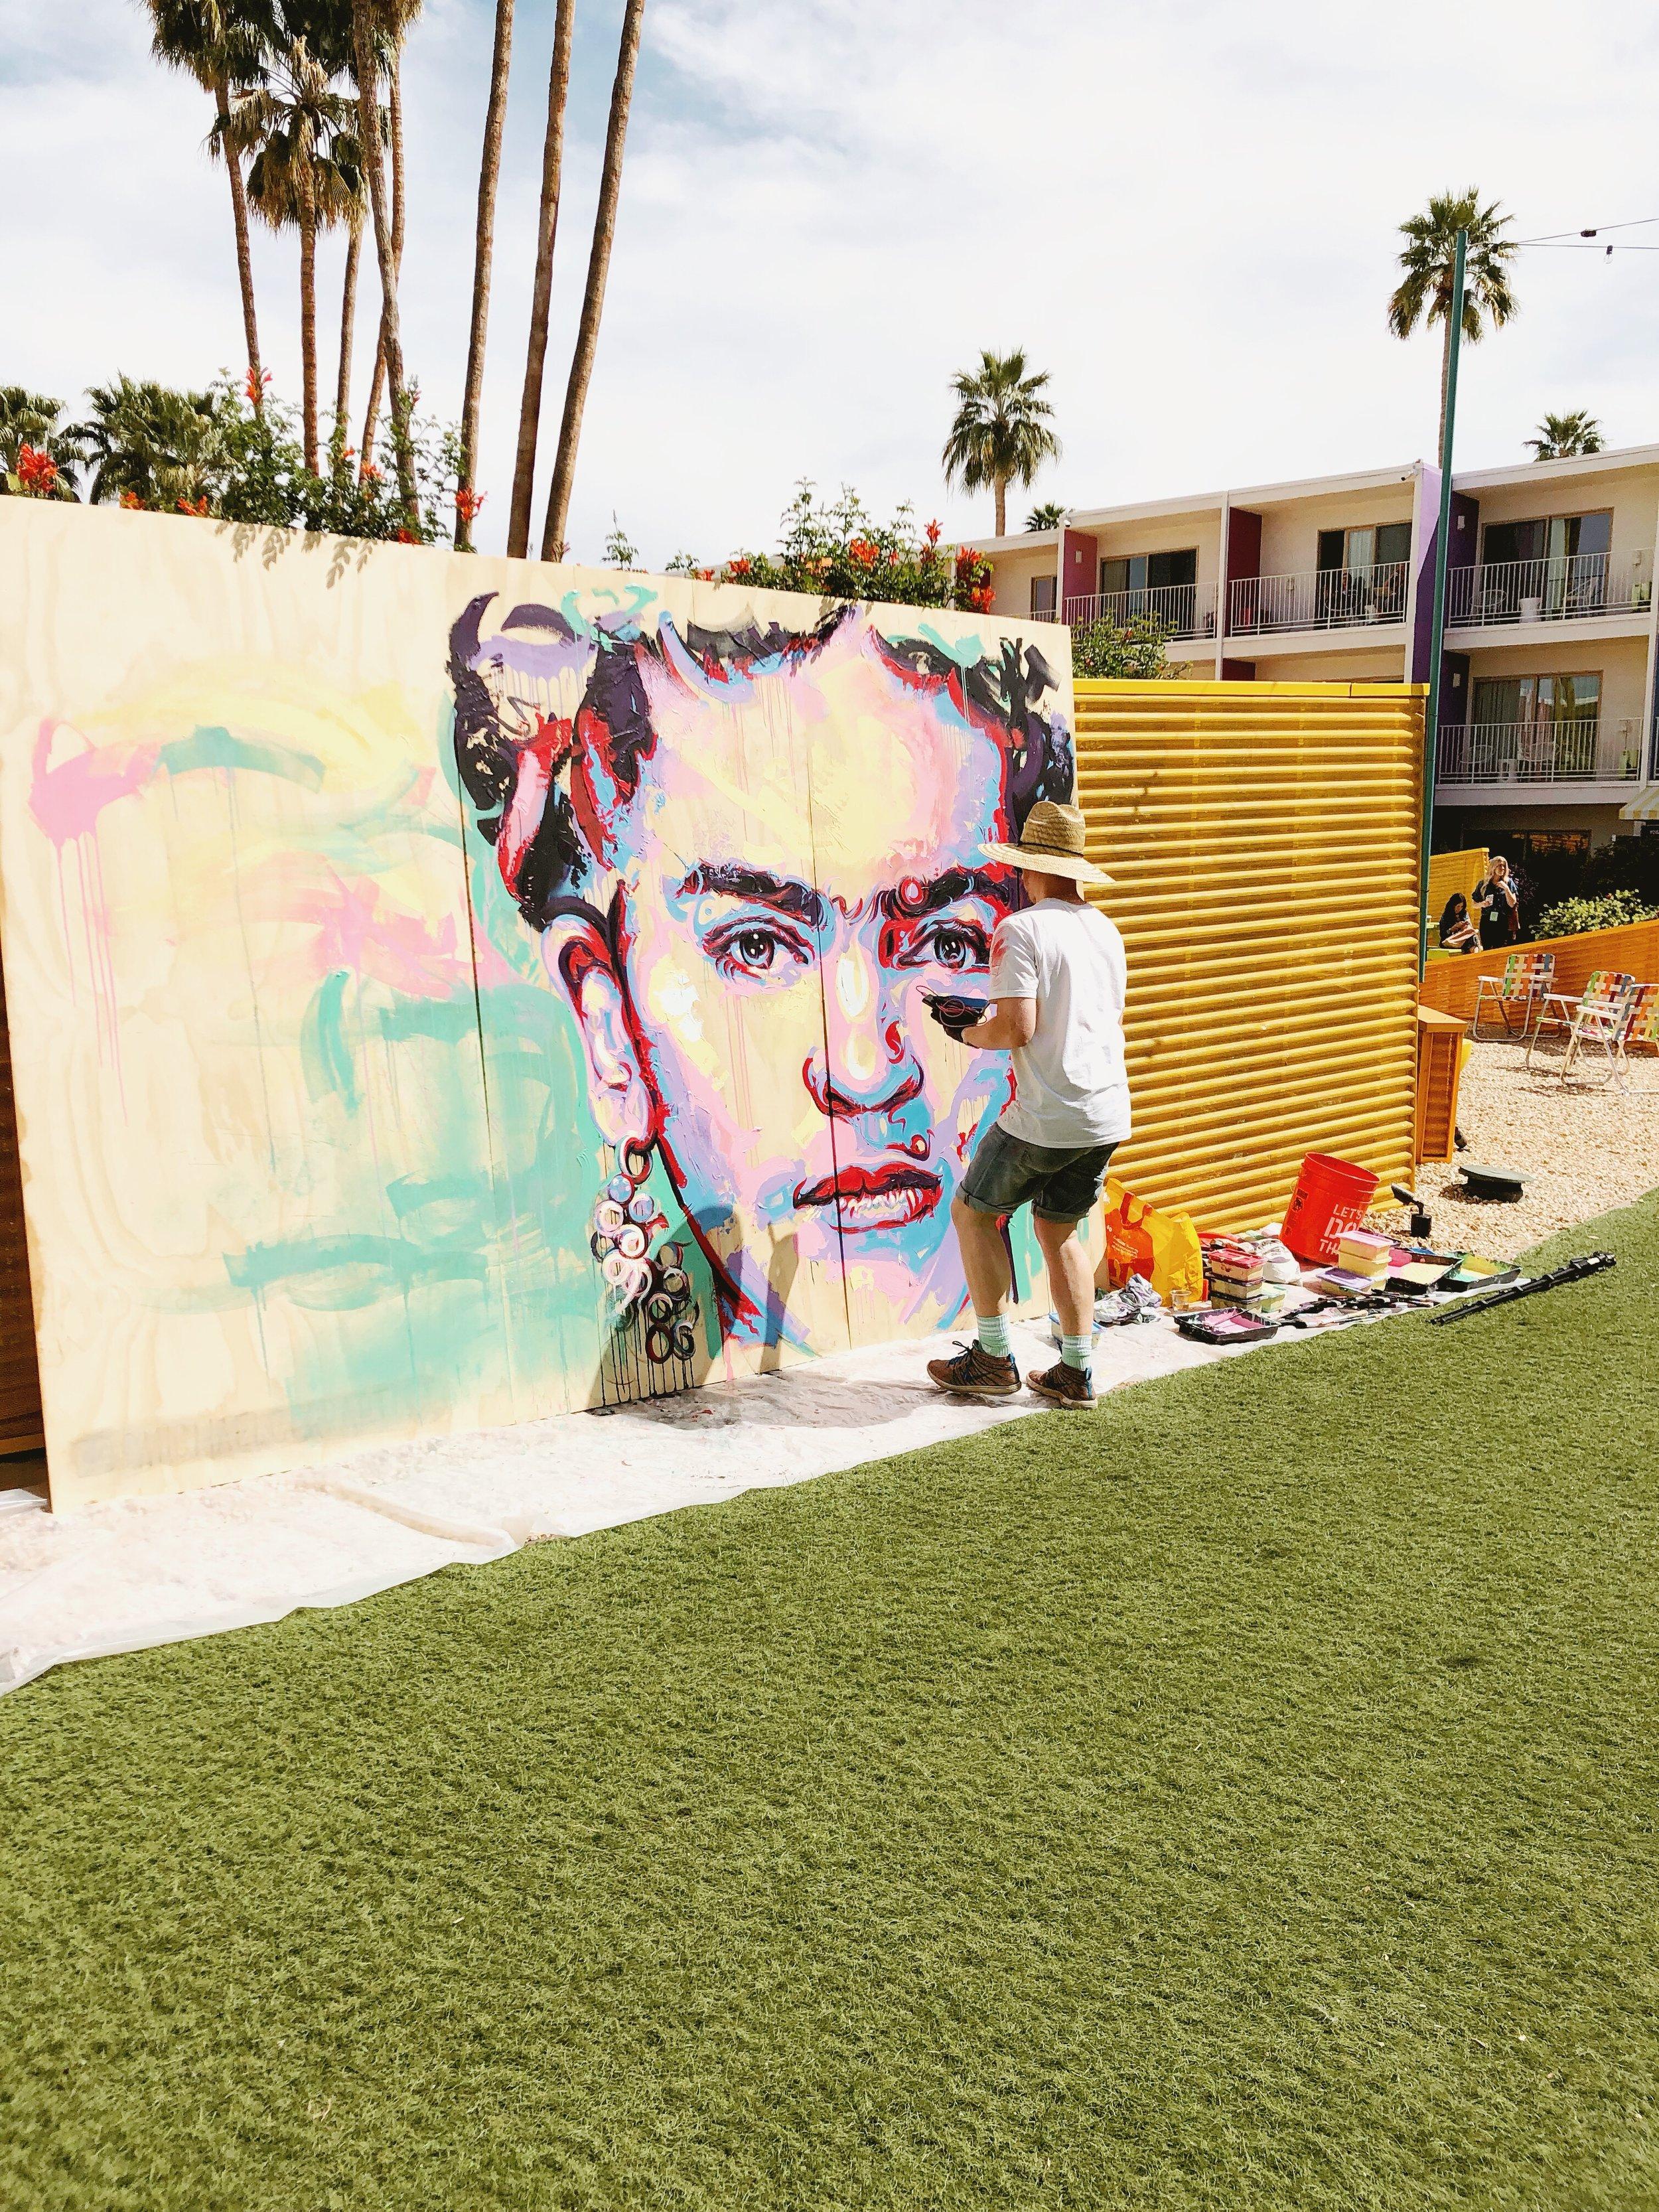 Mural at the Saguaro